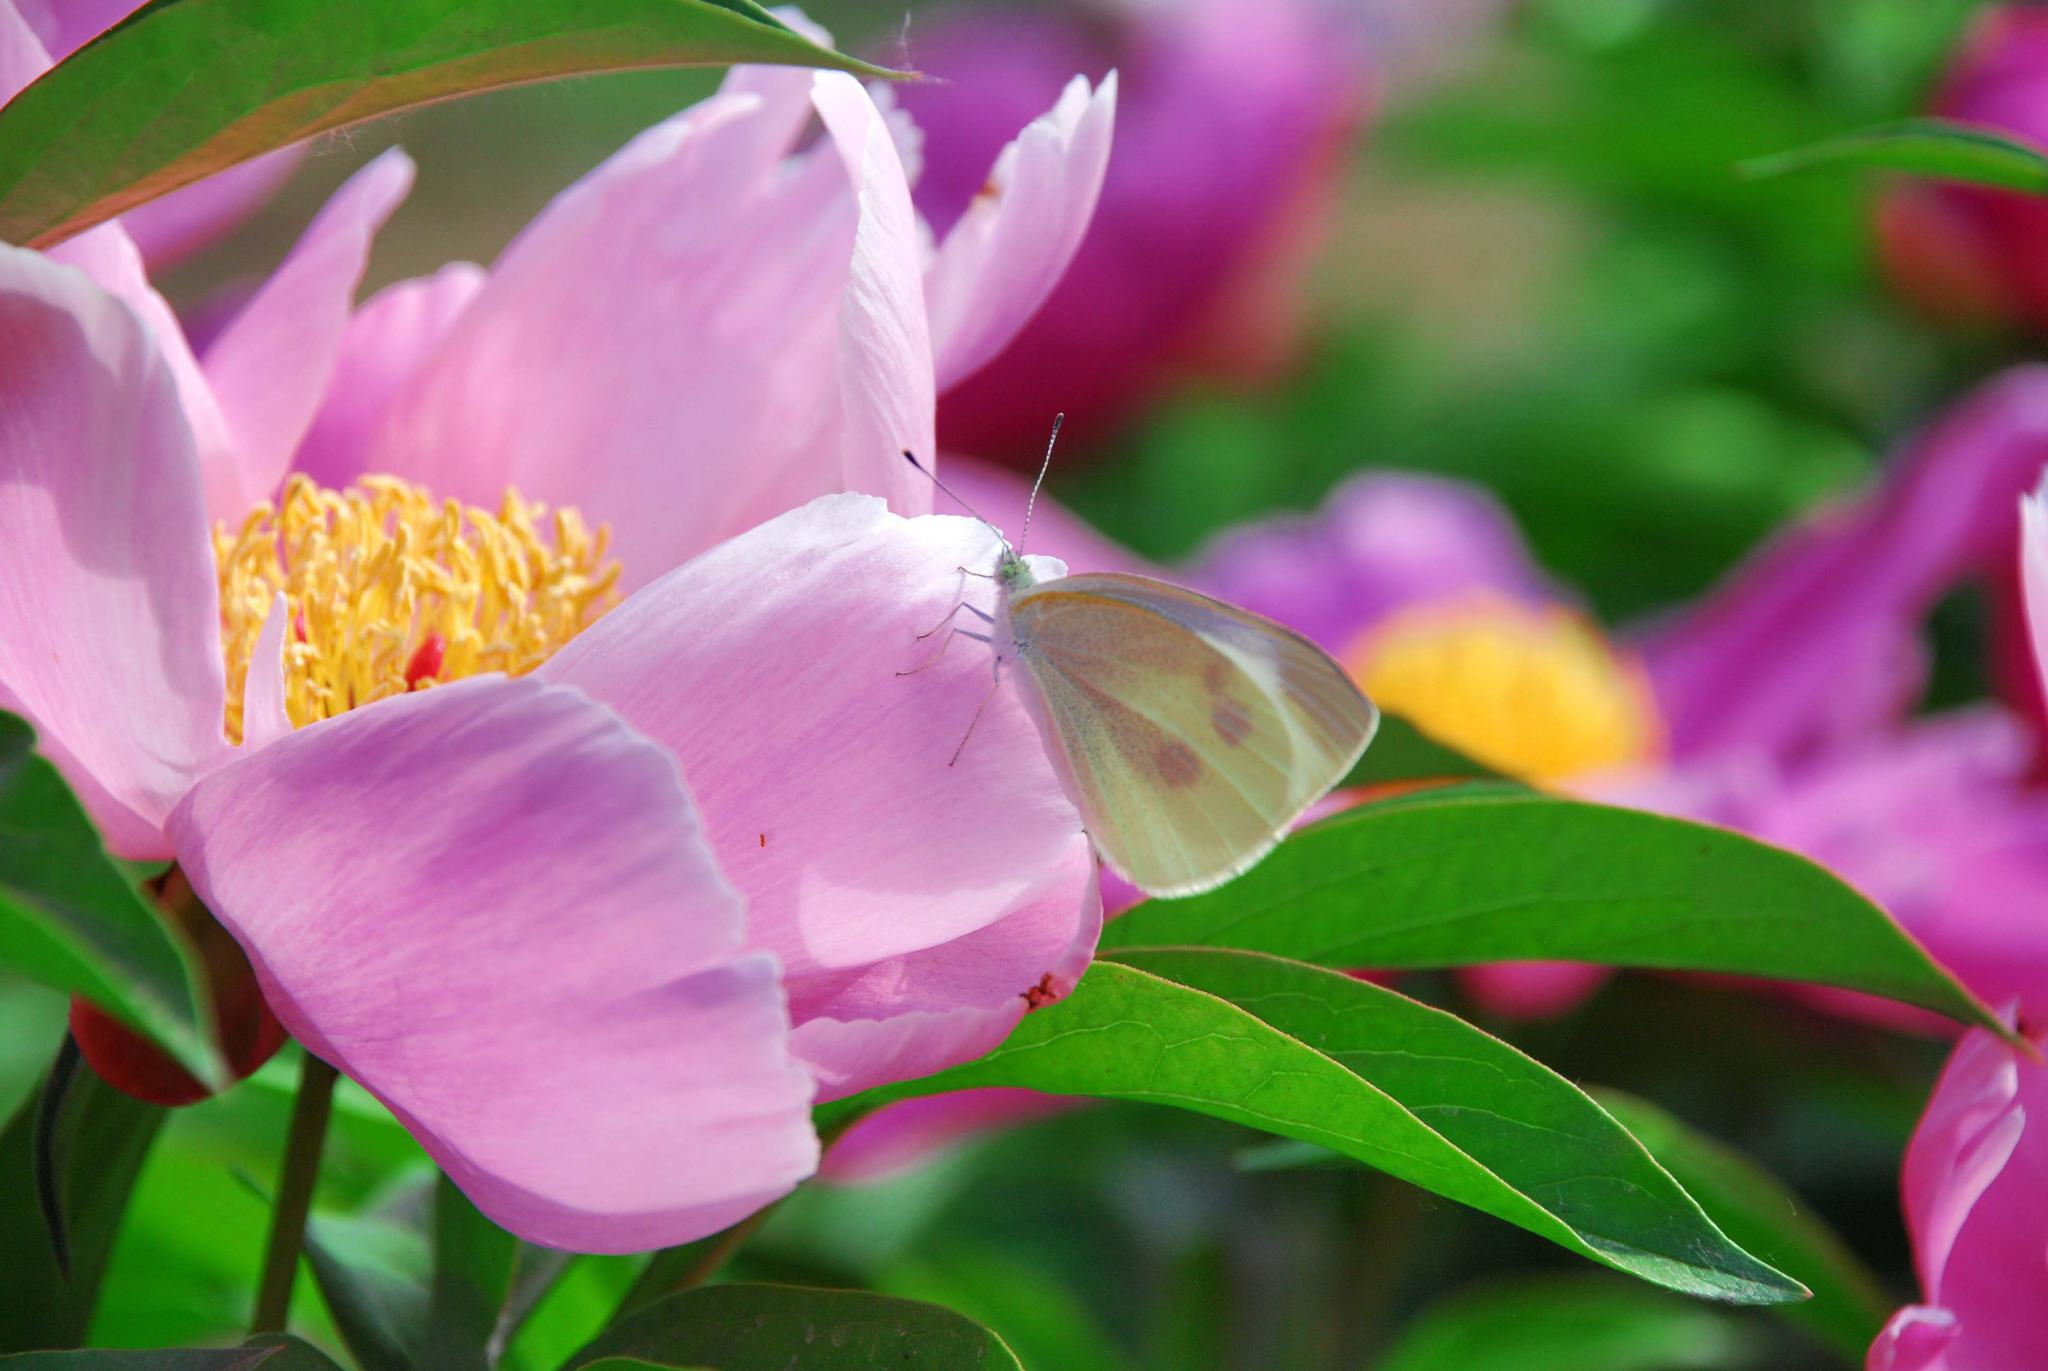 芍药花上的粉蝶,原创拍摄